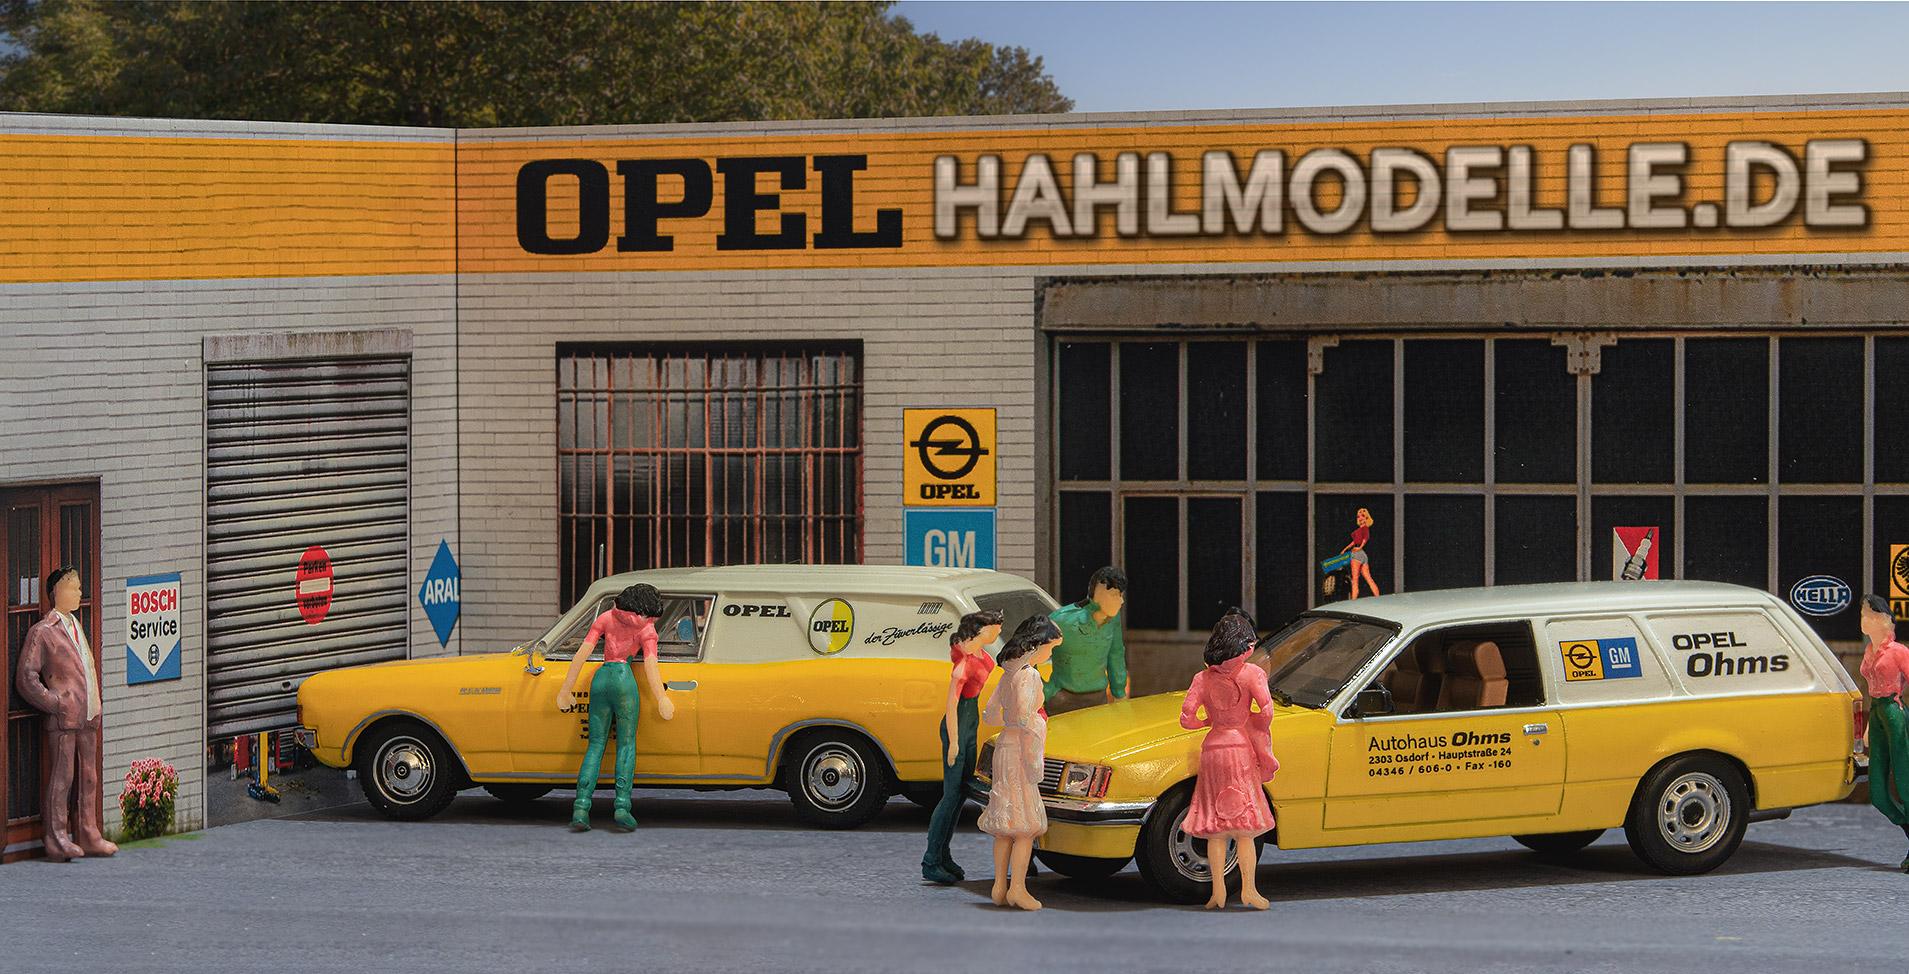 hahlmodelle.de   Opelmodelle in 1:43